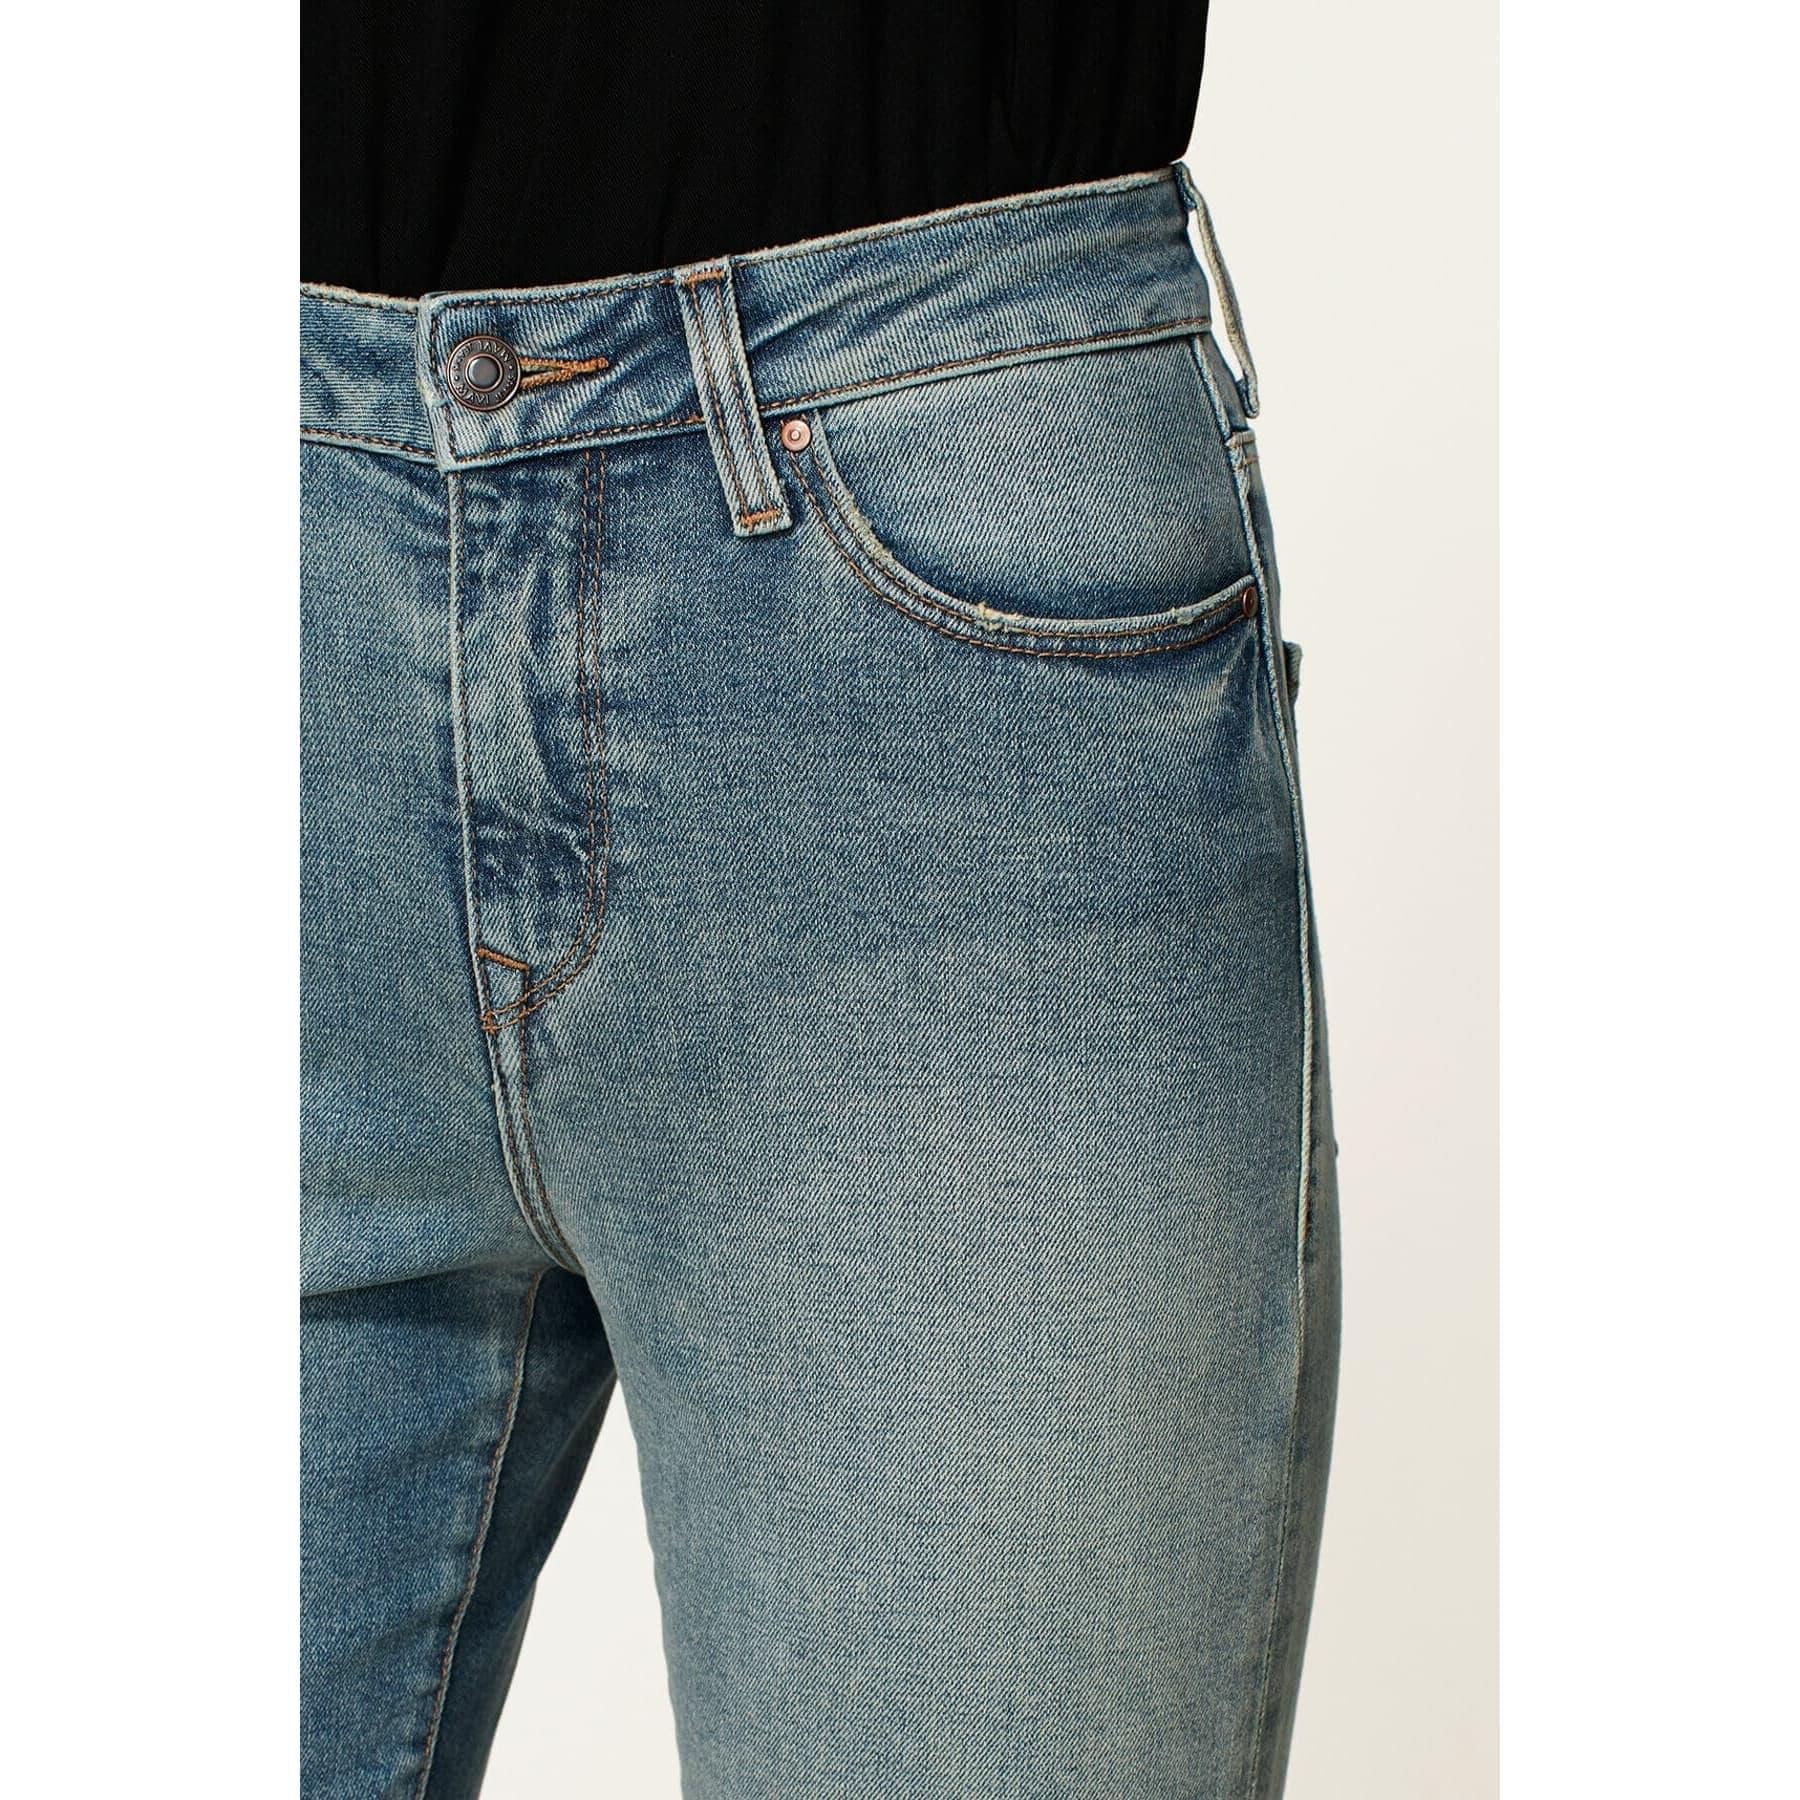 Mom Jean Cindy Indigo 90's Vintage Mavi Kadın Kot Pantolon